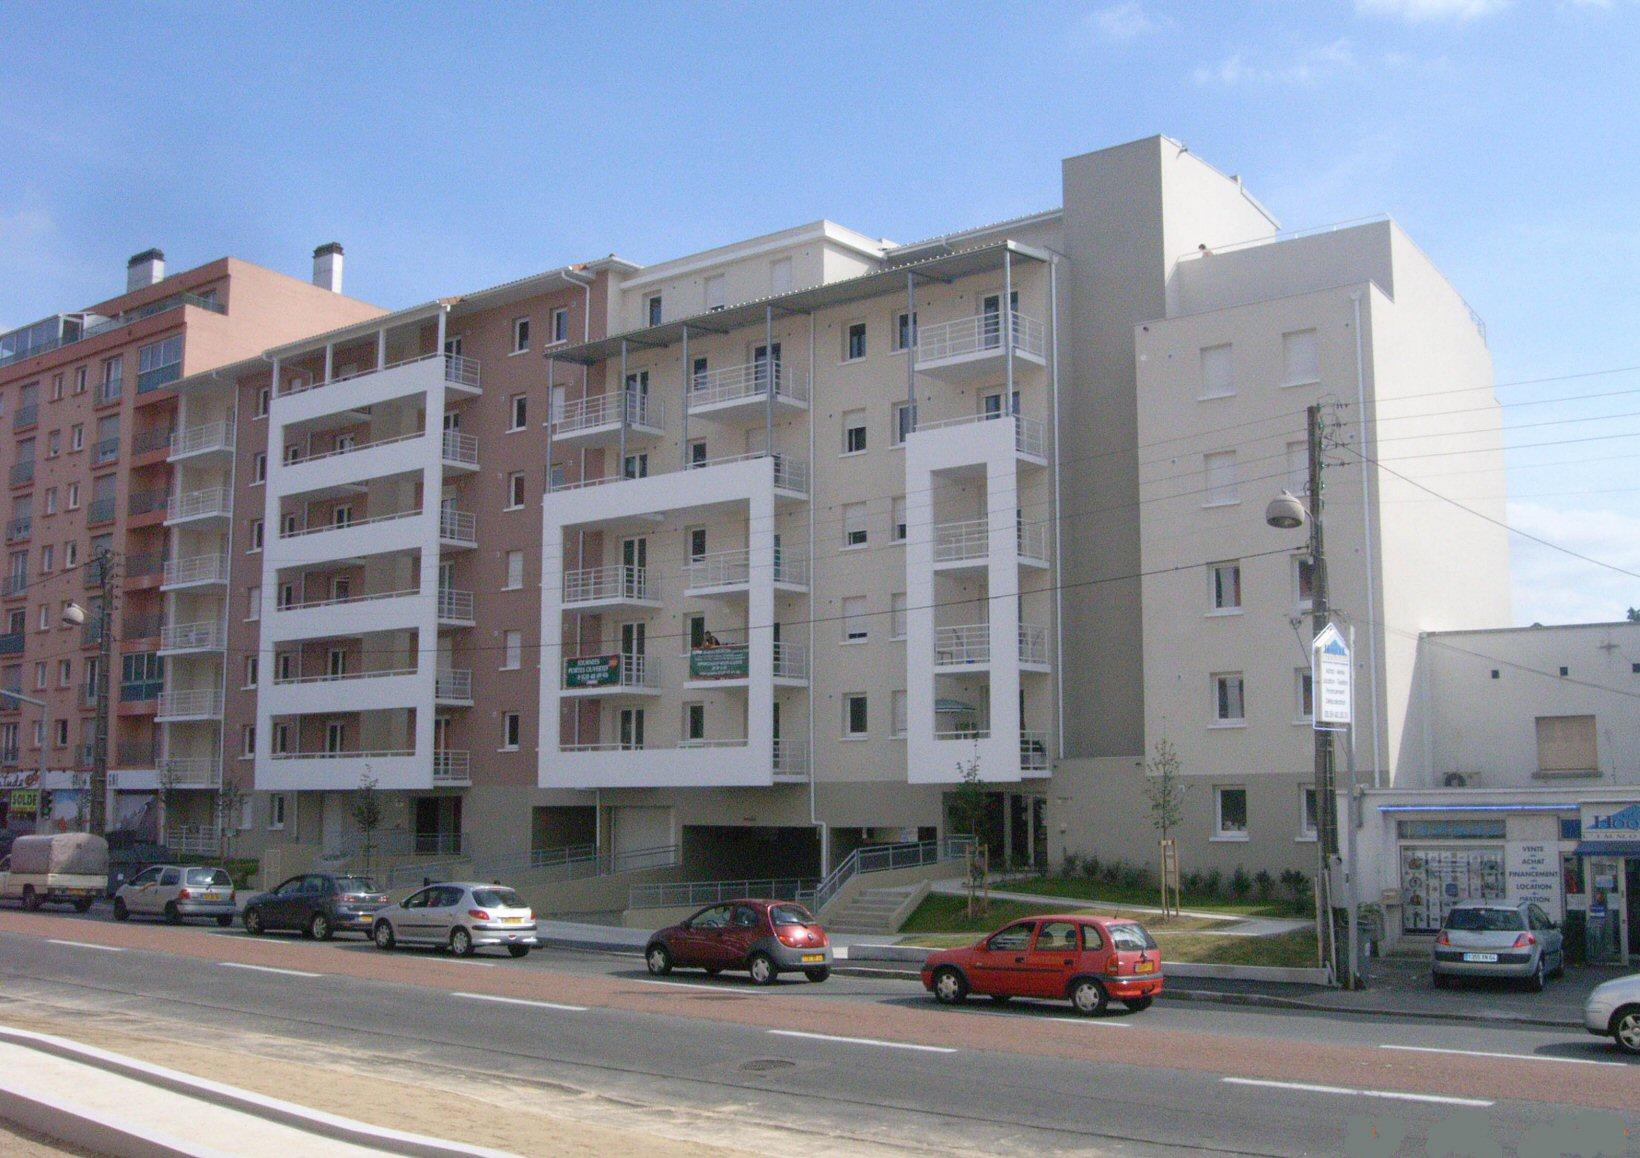 Immeuble de logements à Billères (64) - Architecte Jean-Marc Ritondo